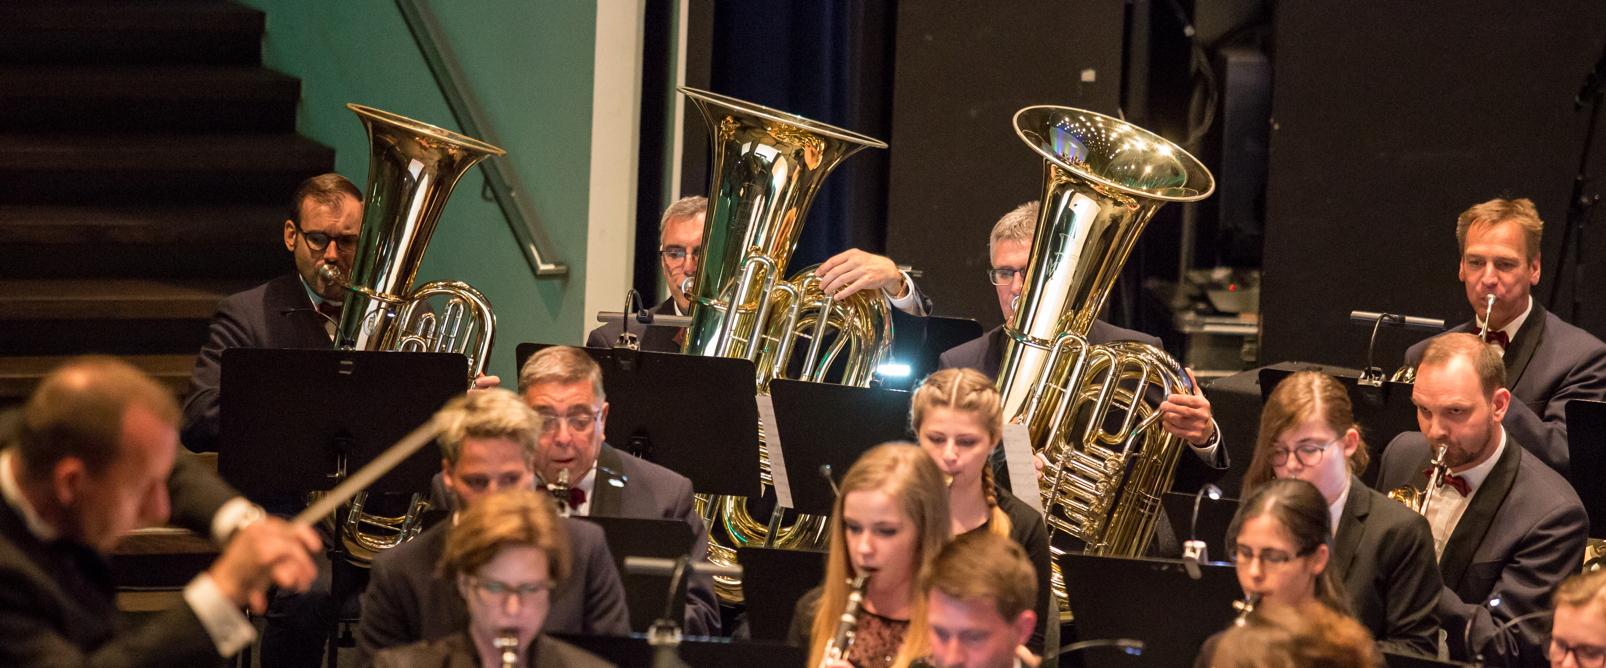 KonzertOrchesterKoblenz-3891